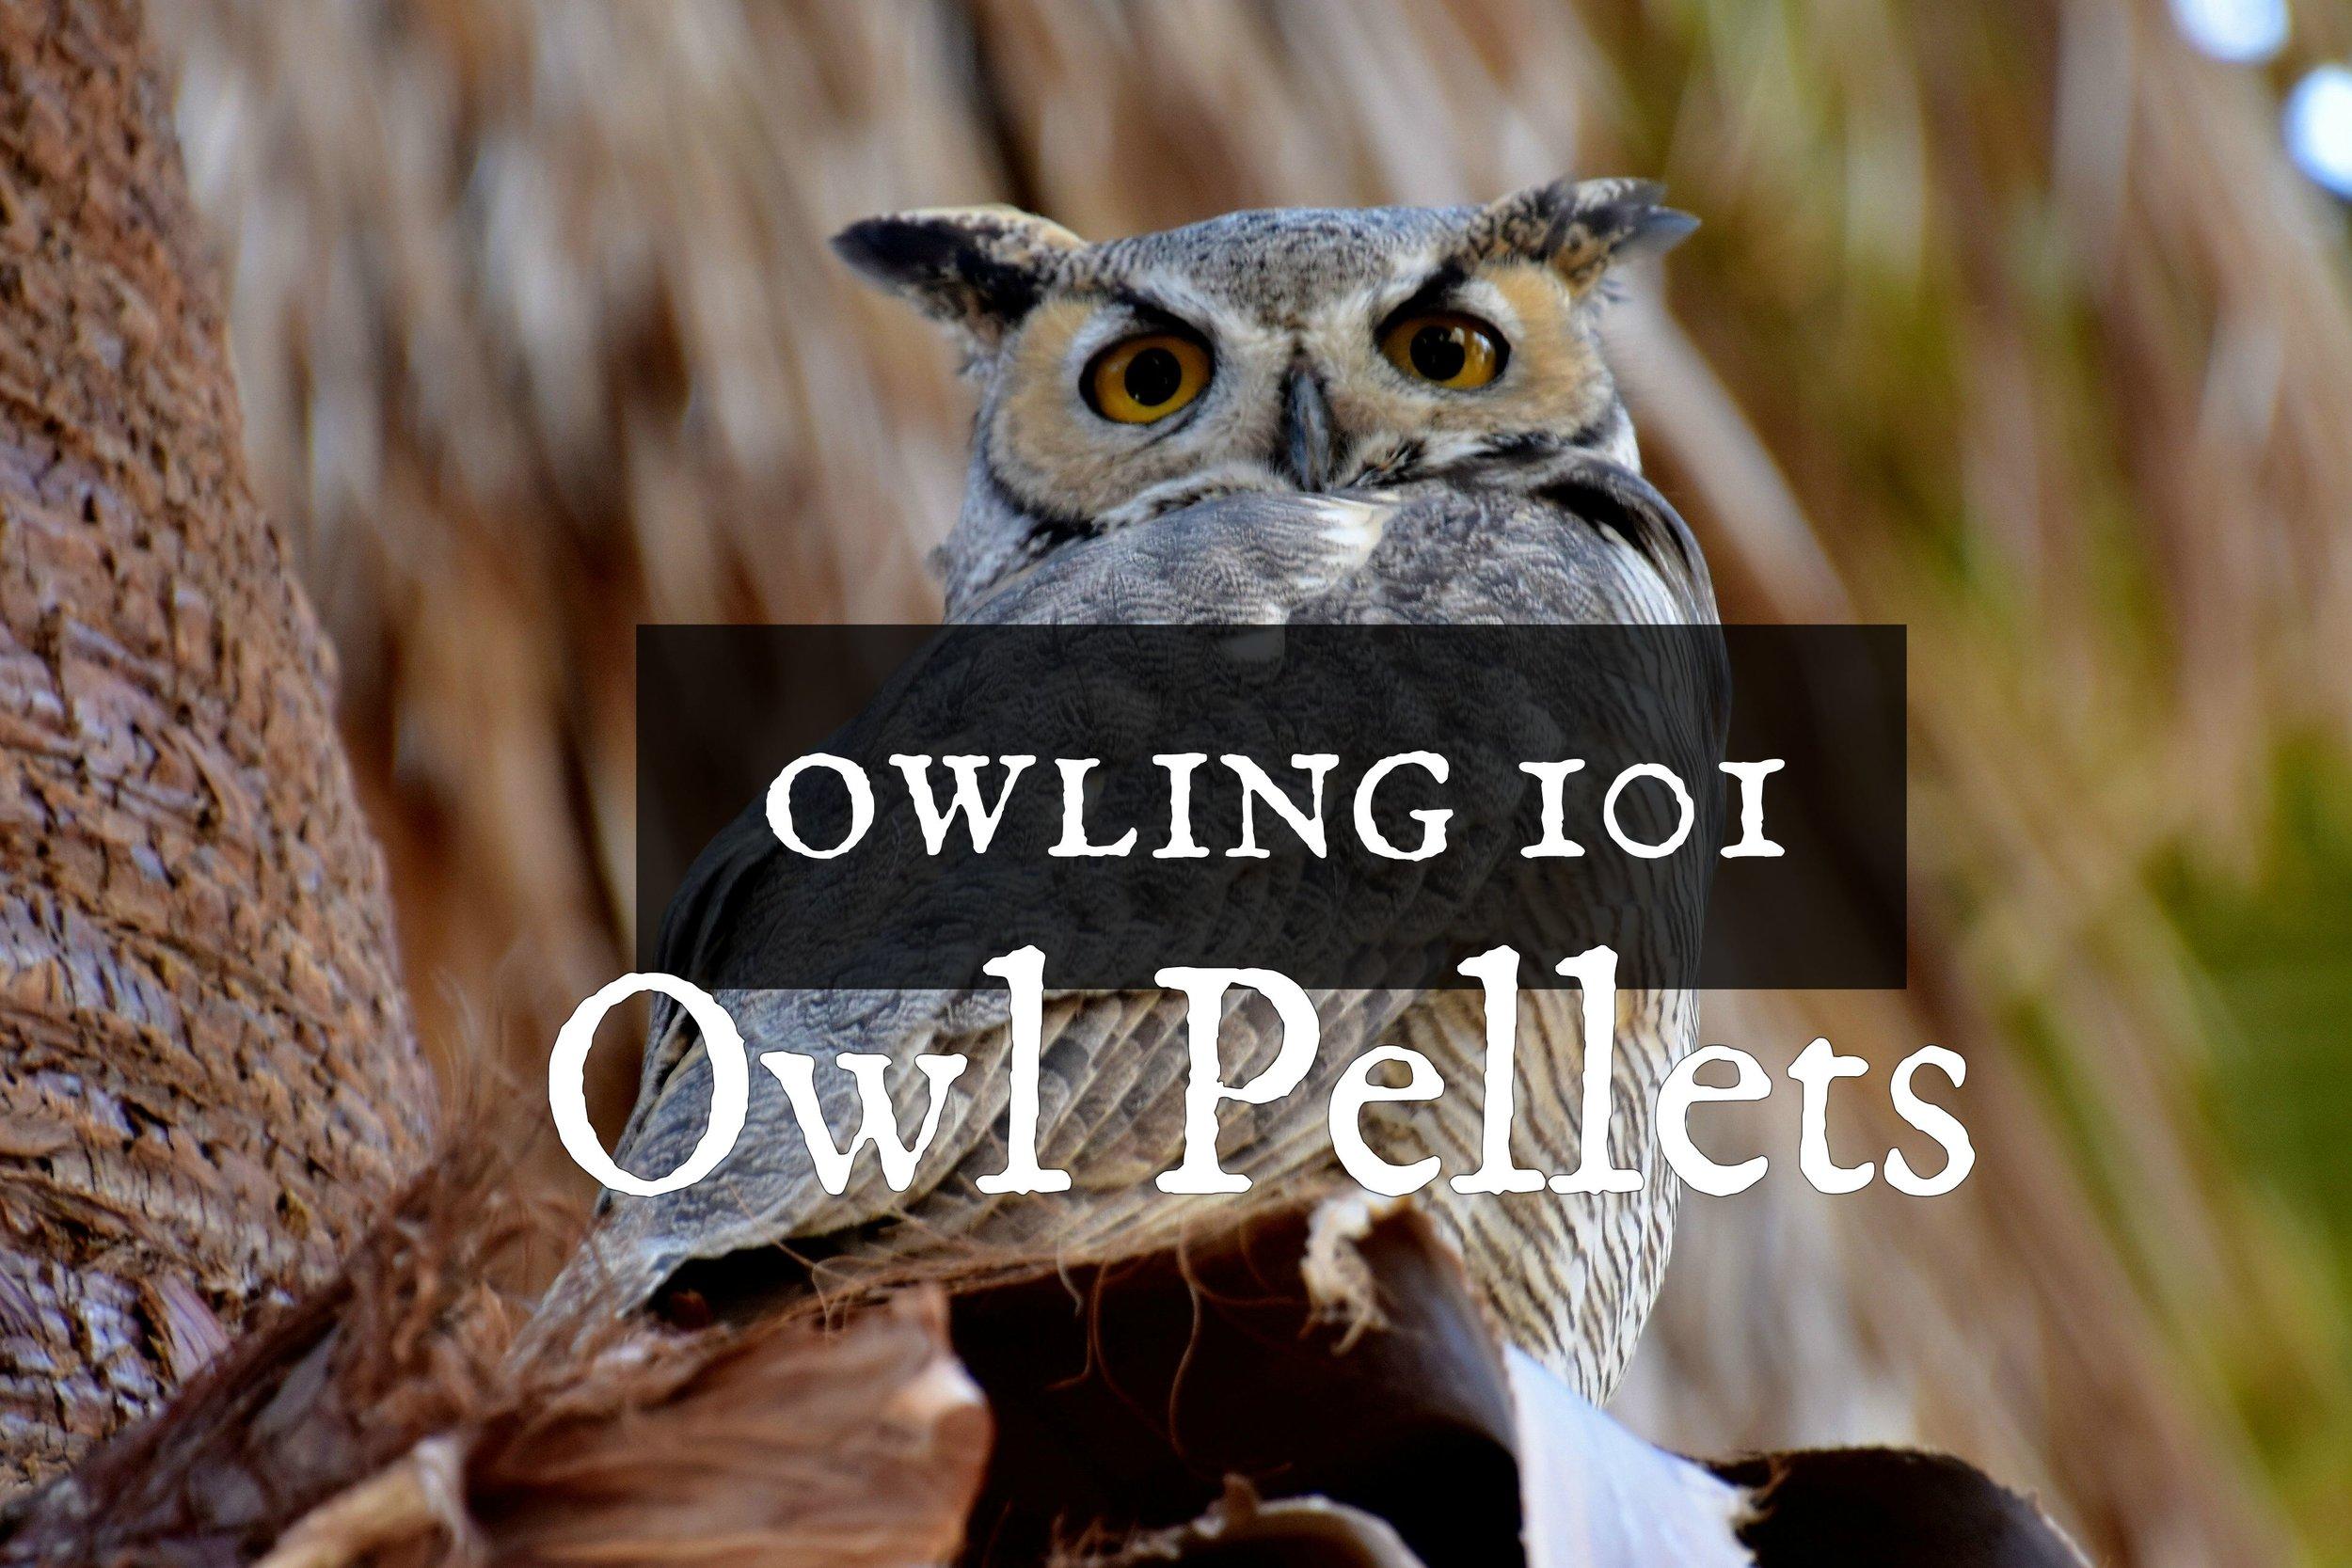 owling101pellets.jpg